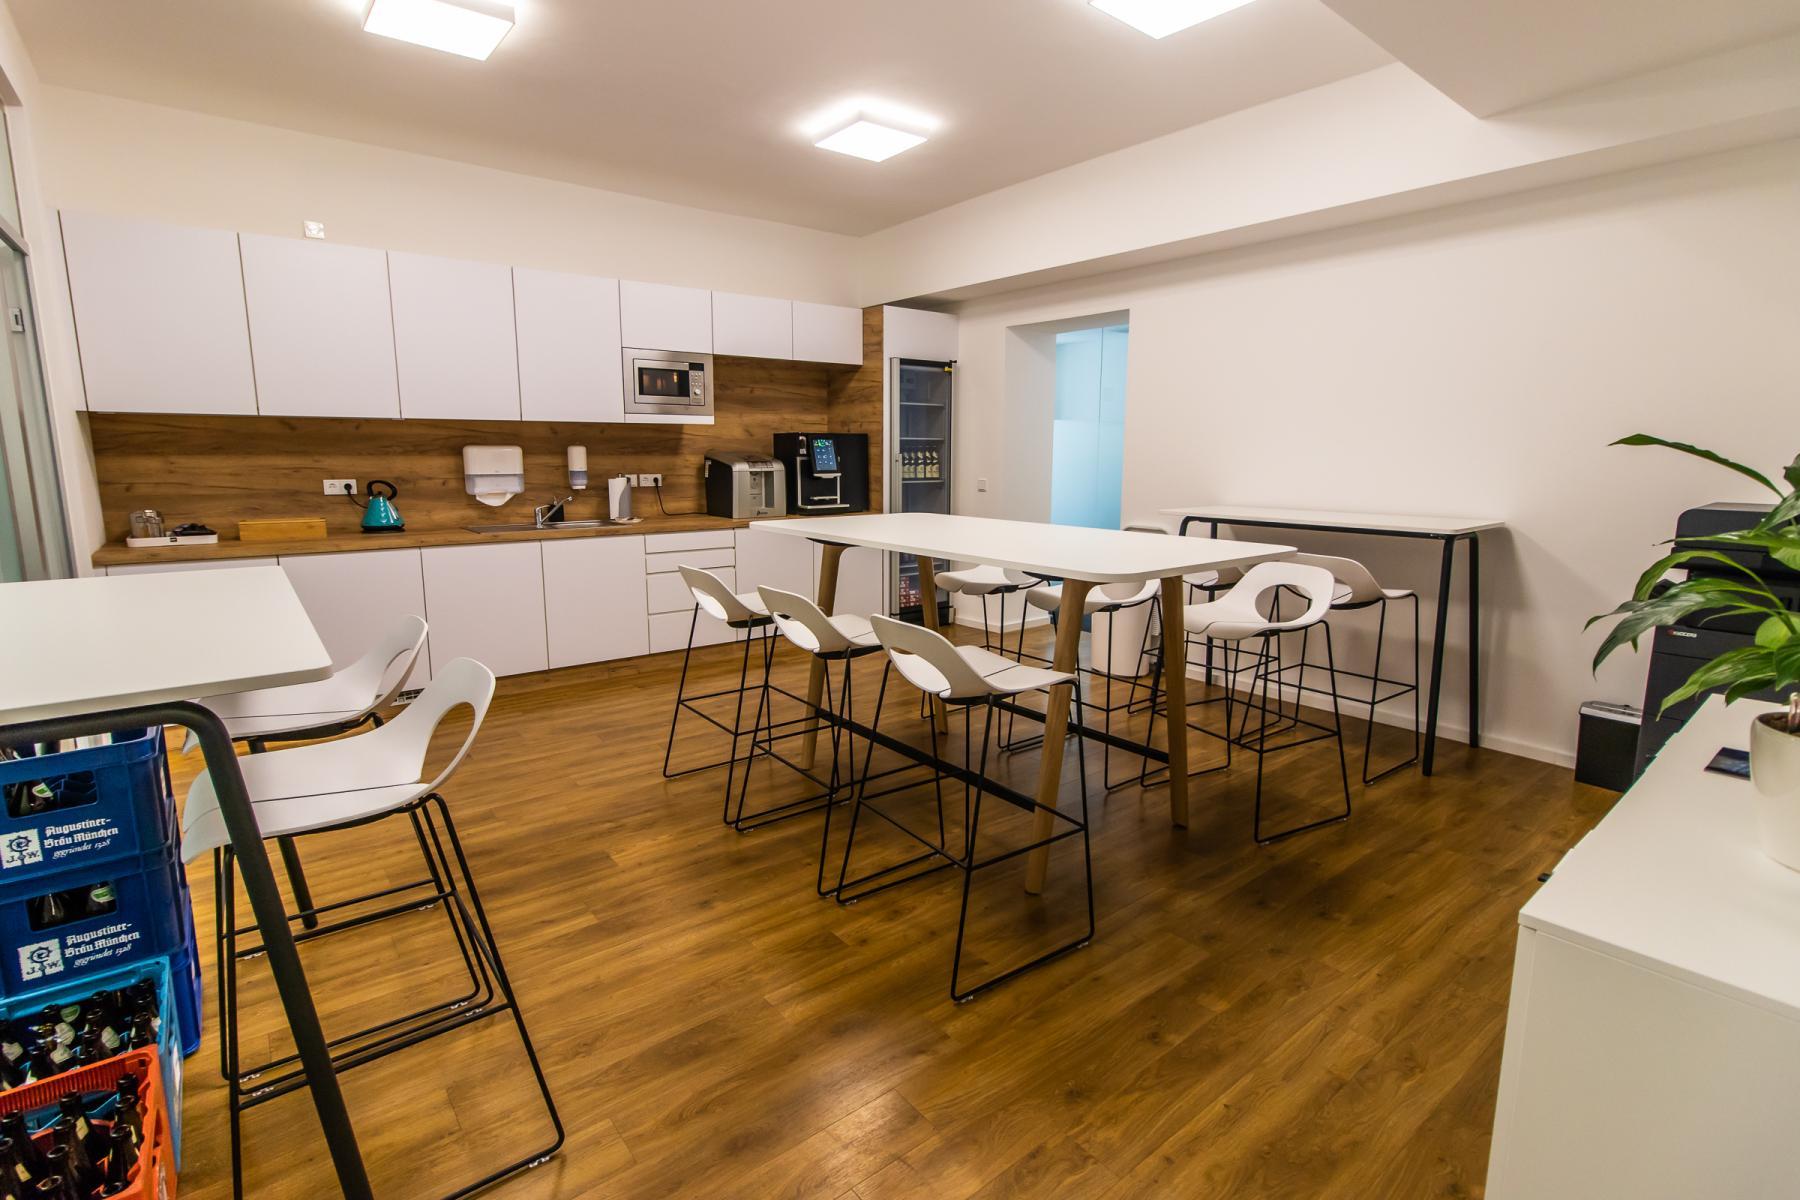 Voll ausgestattete Gemeinschaftsküche der Immobilie In München, Pacellistraße